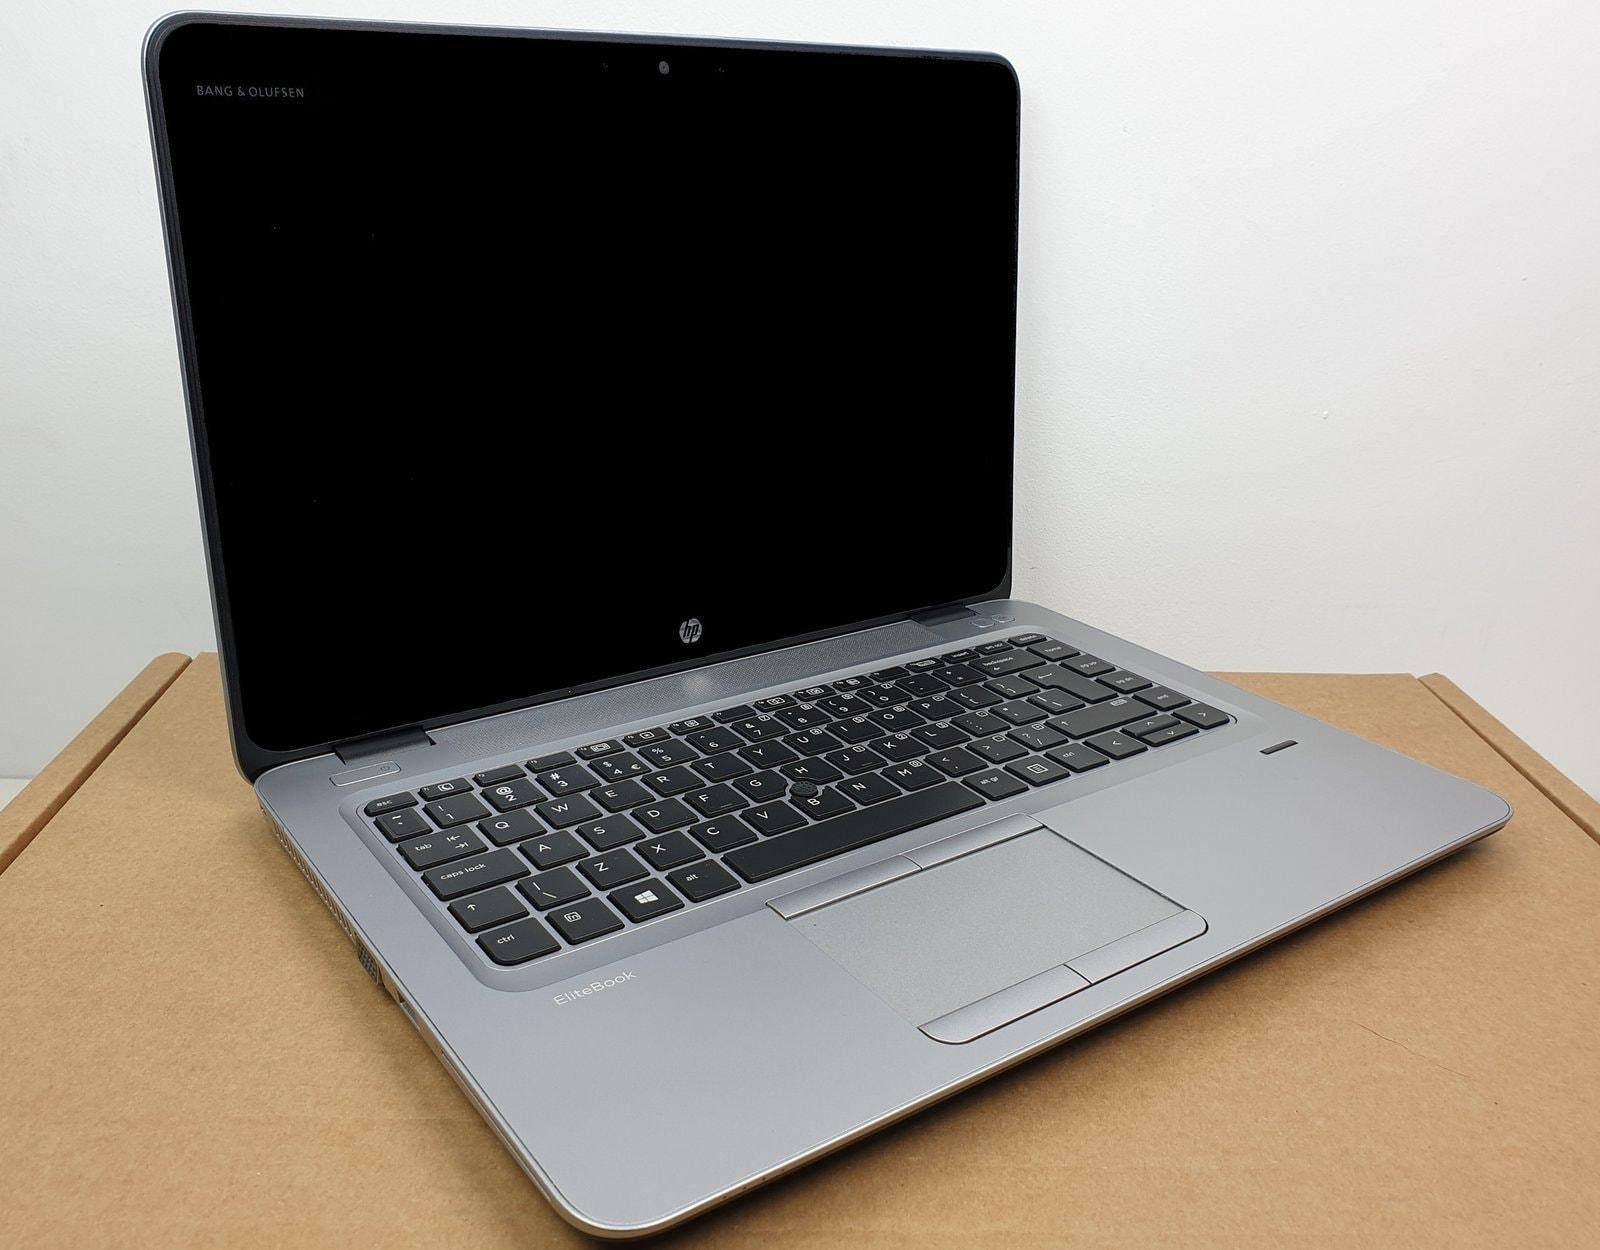 Laptop HP EliteBook 840 G3 i7 - 6 generacji / 8 GB / 250 GB HDD / 14 FullHD DOTYK / Klasa A- - 3